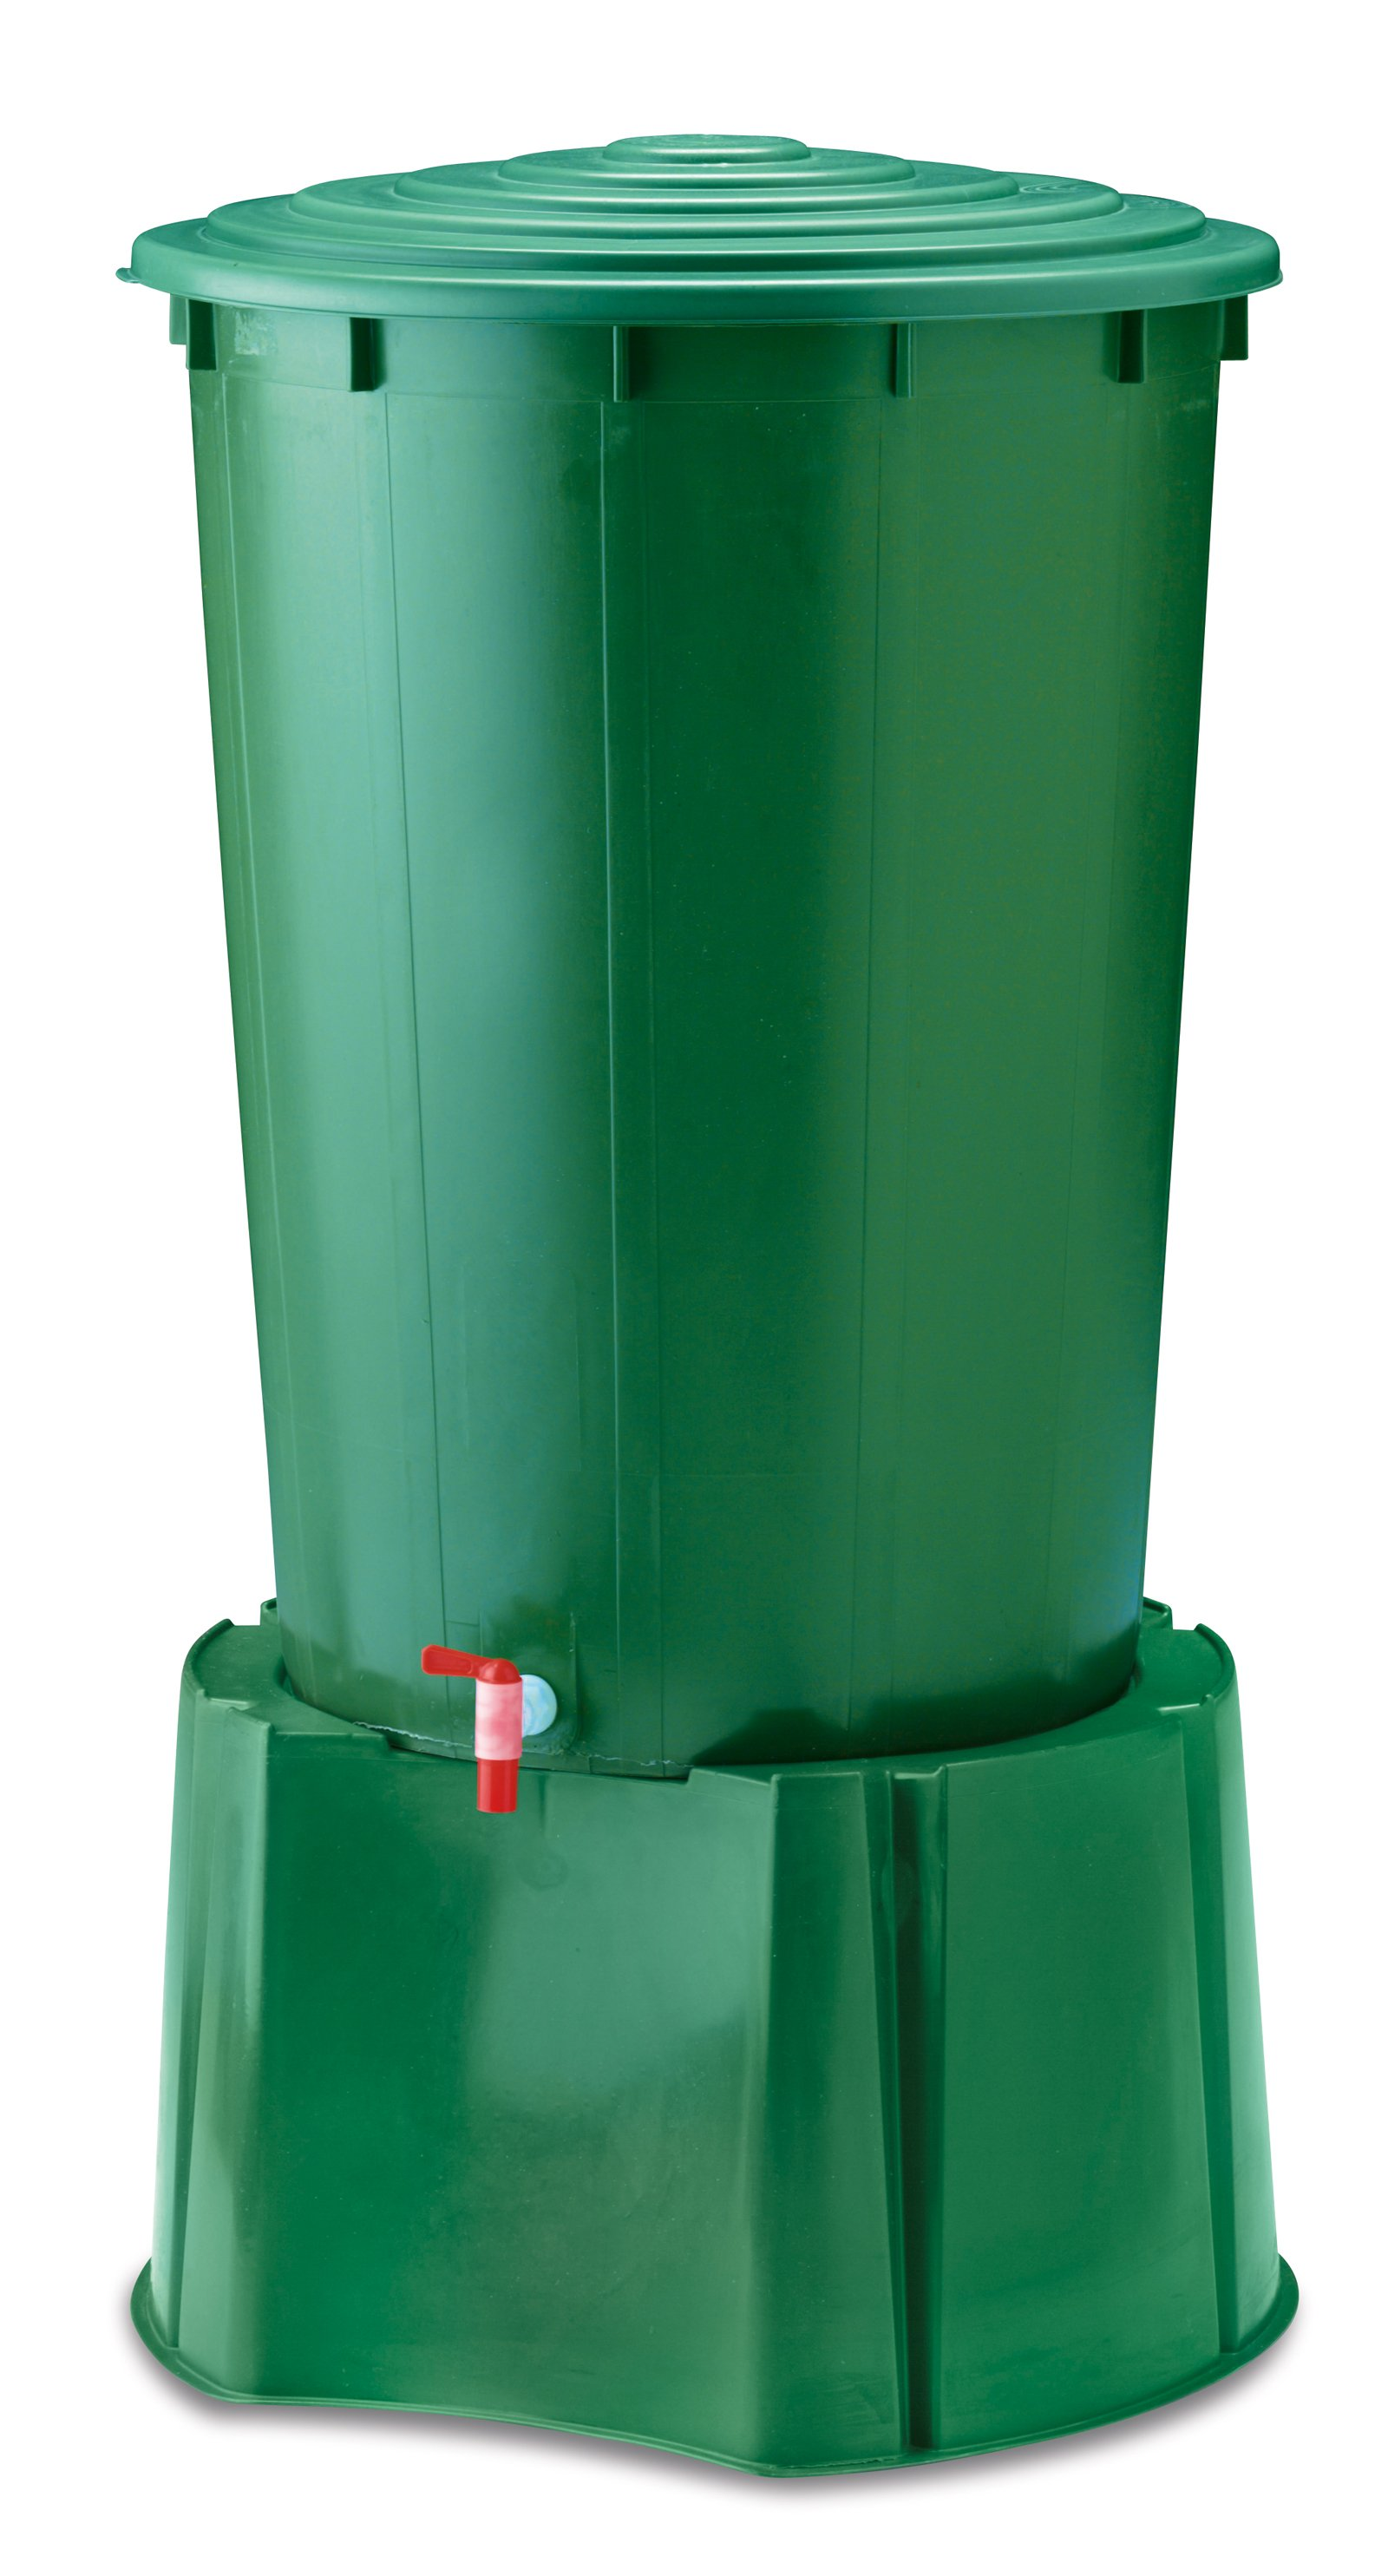 Impianto di irrigazione per i vasi in balcone cose di casa for Caldaia ad acqua di plastica